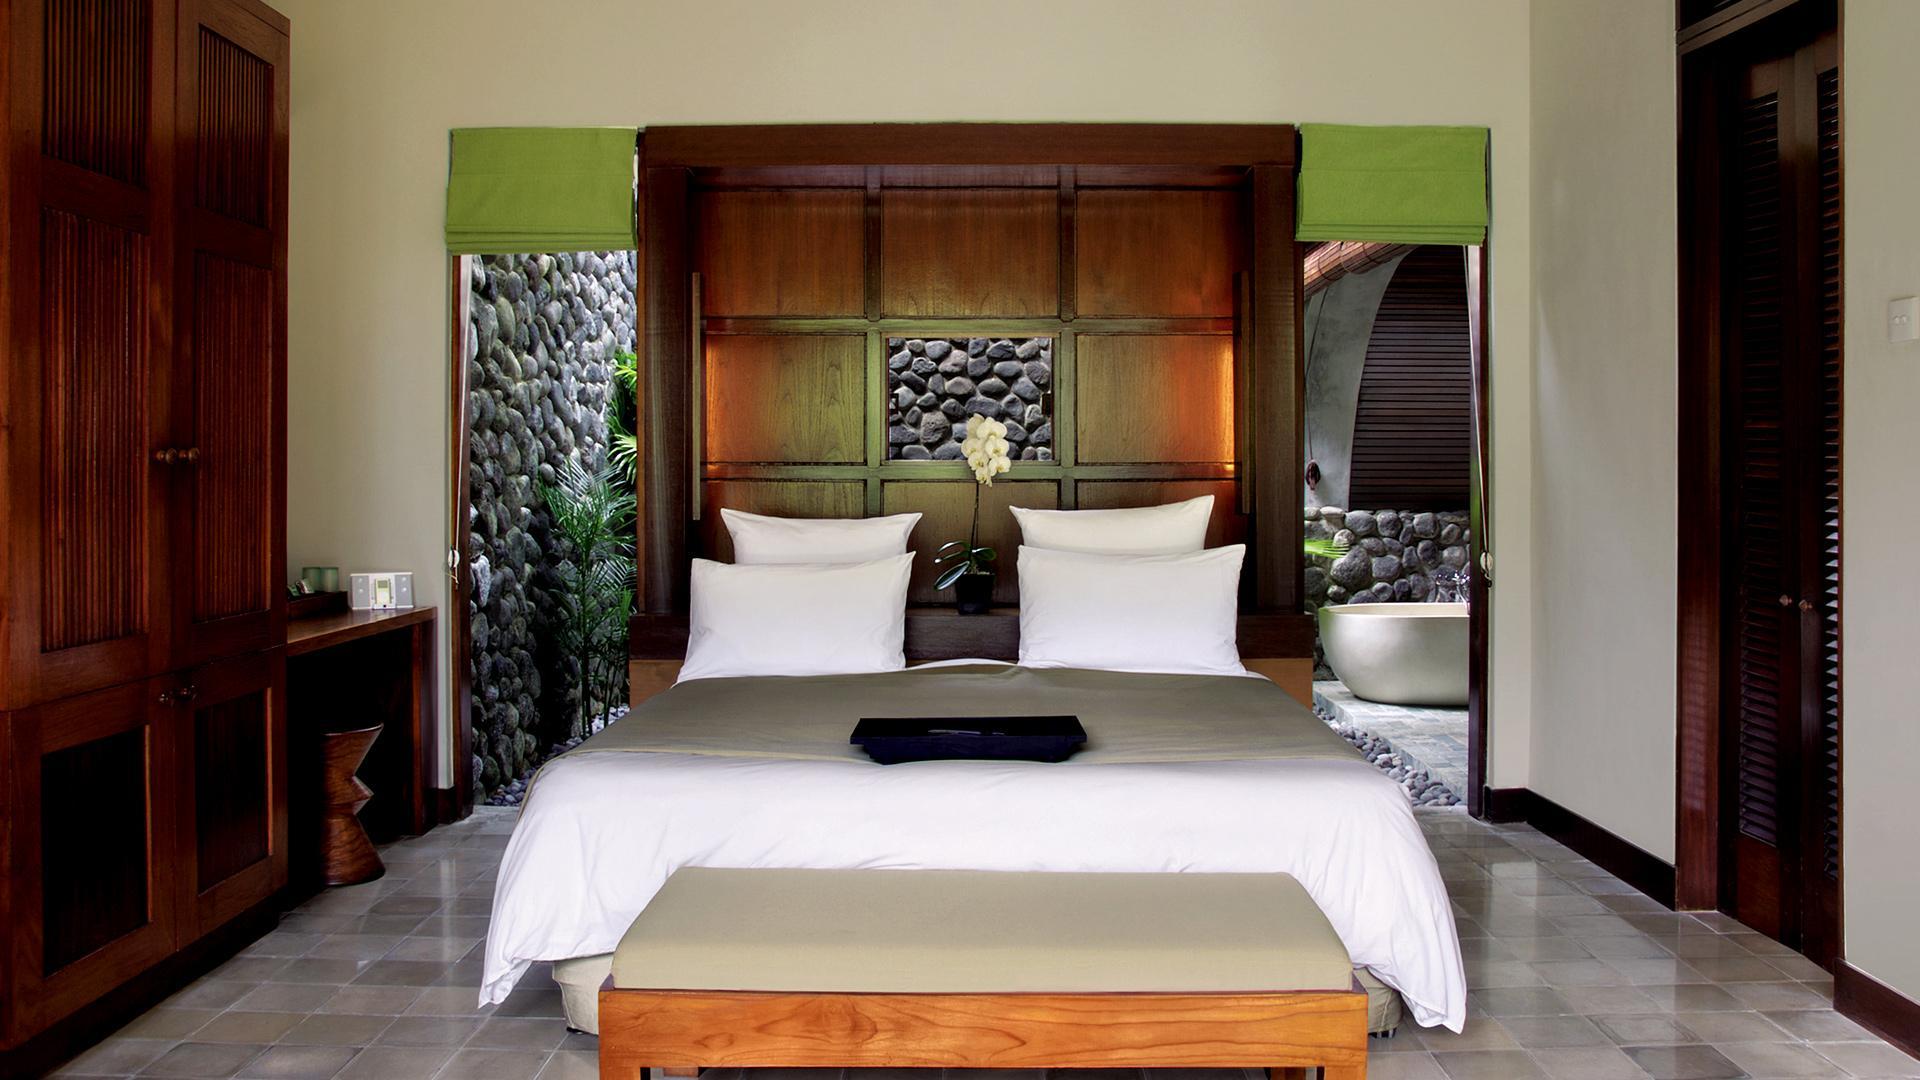 Deluxe Room image 1 at Alila Ubud by Kabupaten Gianyar, Bali, Indonesia